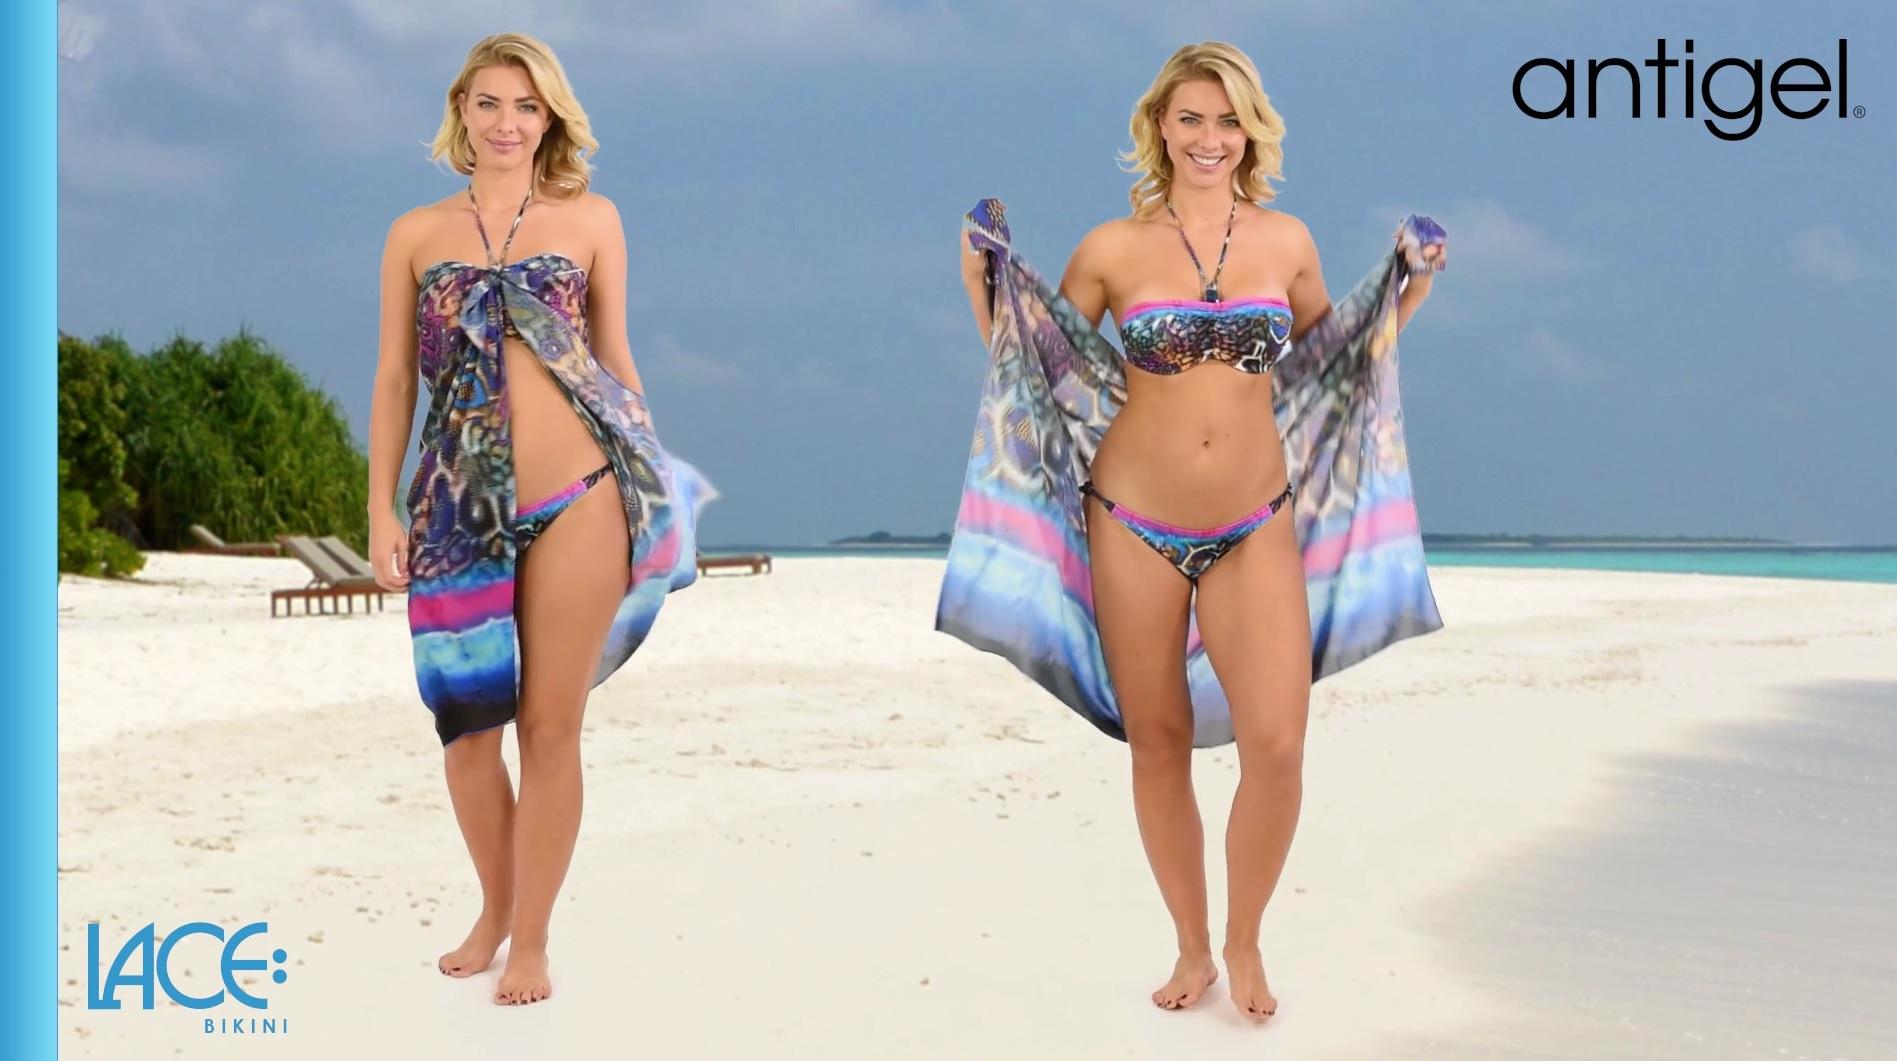 Dein Urlaub fängt hier an – Neuer Online-Shop eröffnet die Bikini-Saison